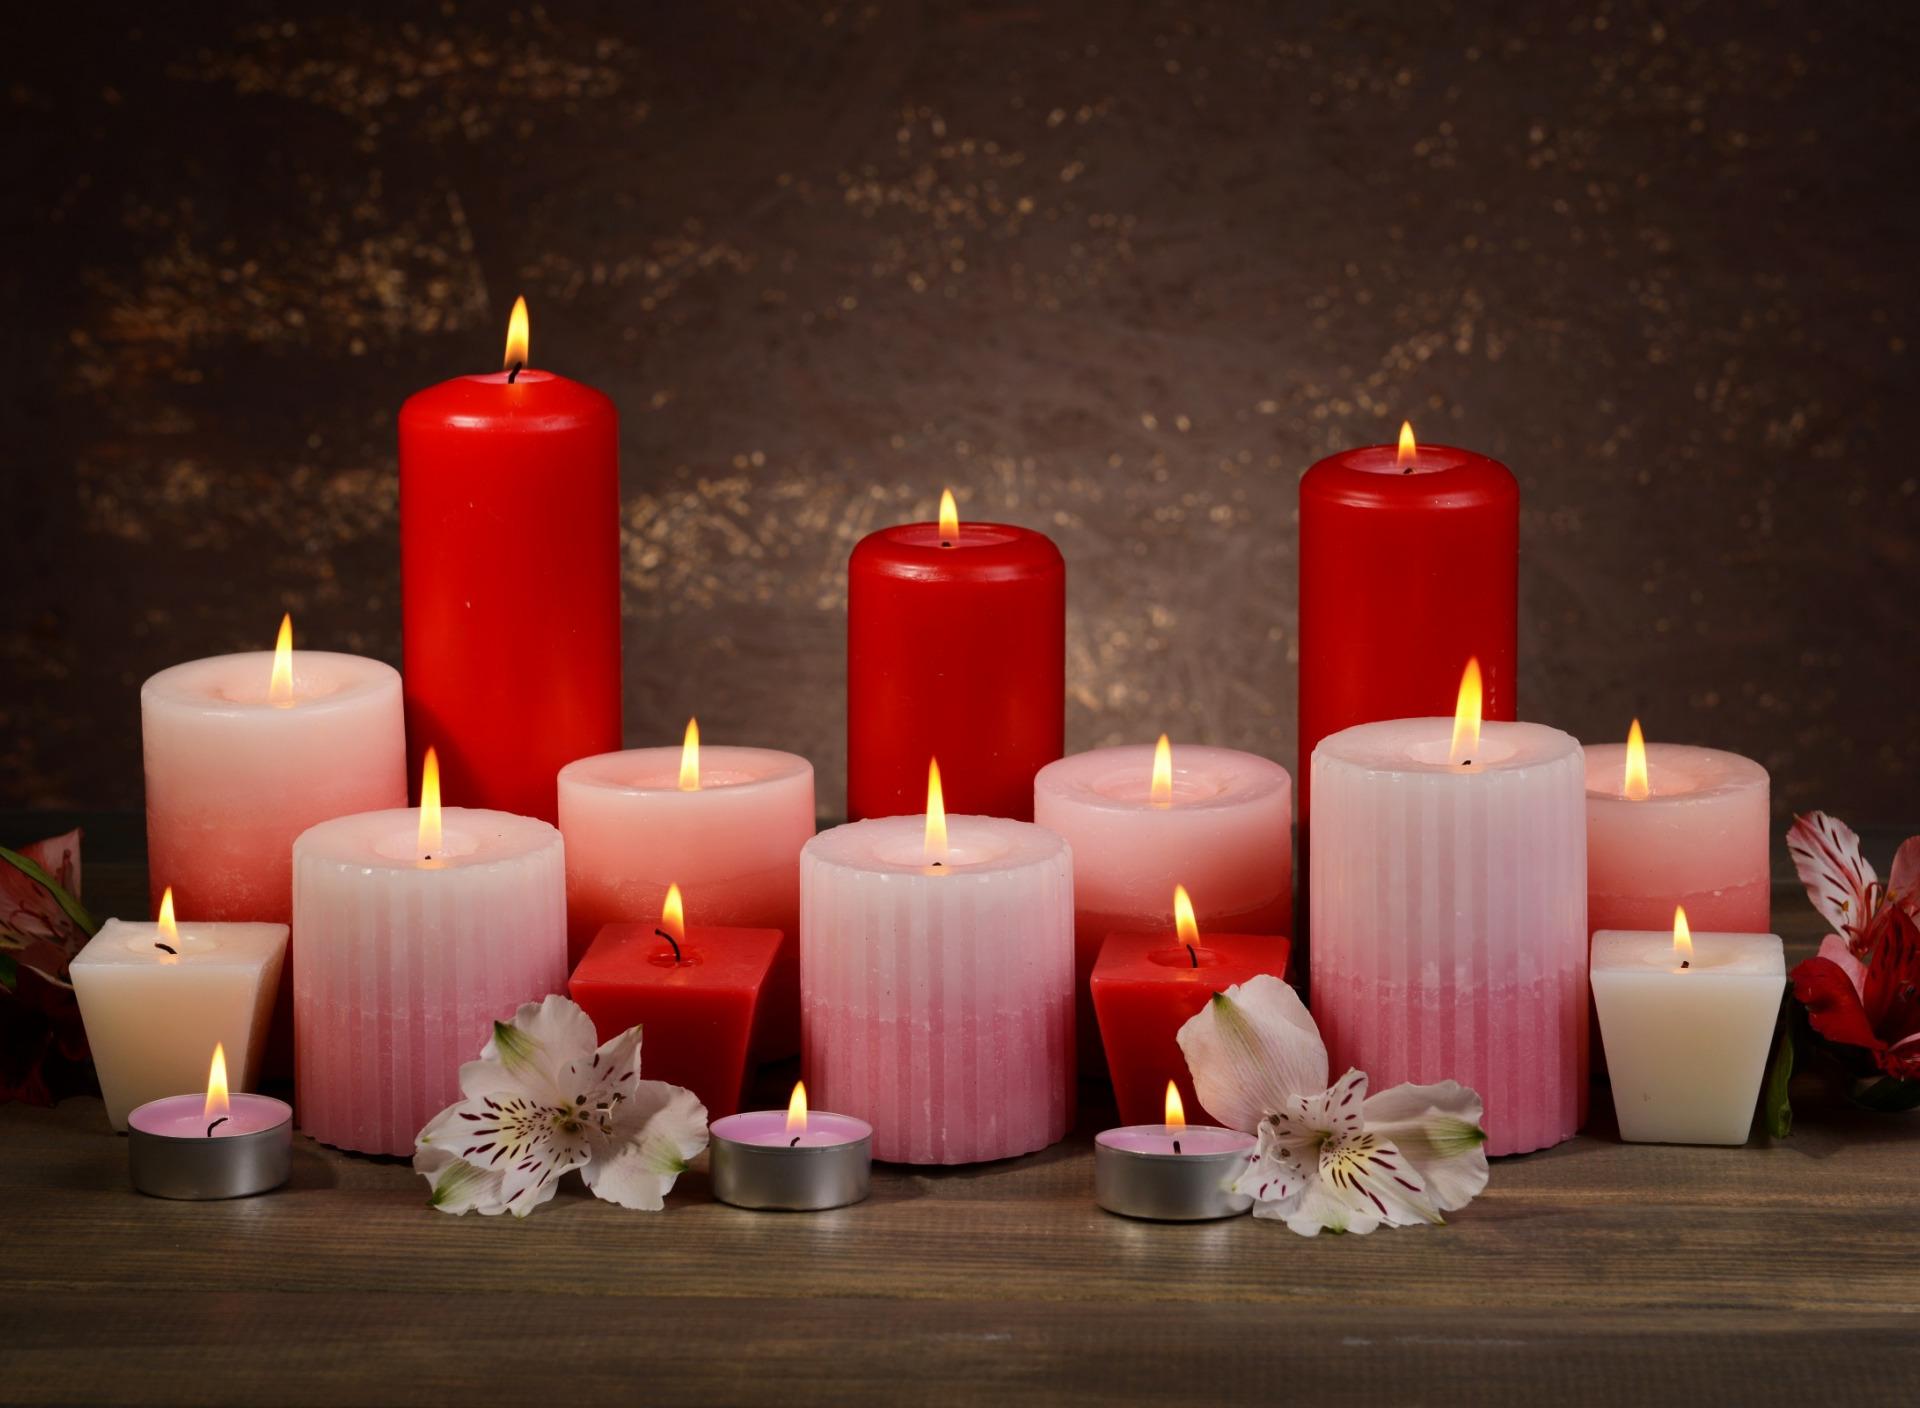 гот свечи фото красивые дарить жене